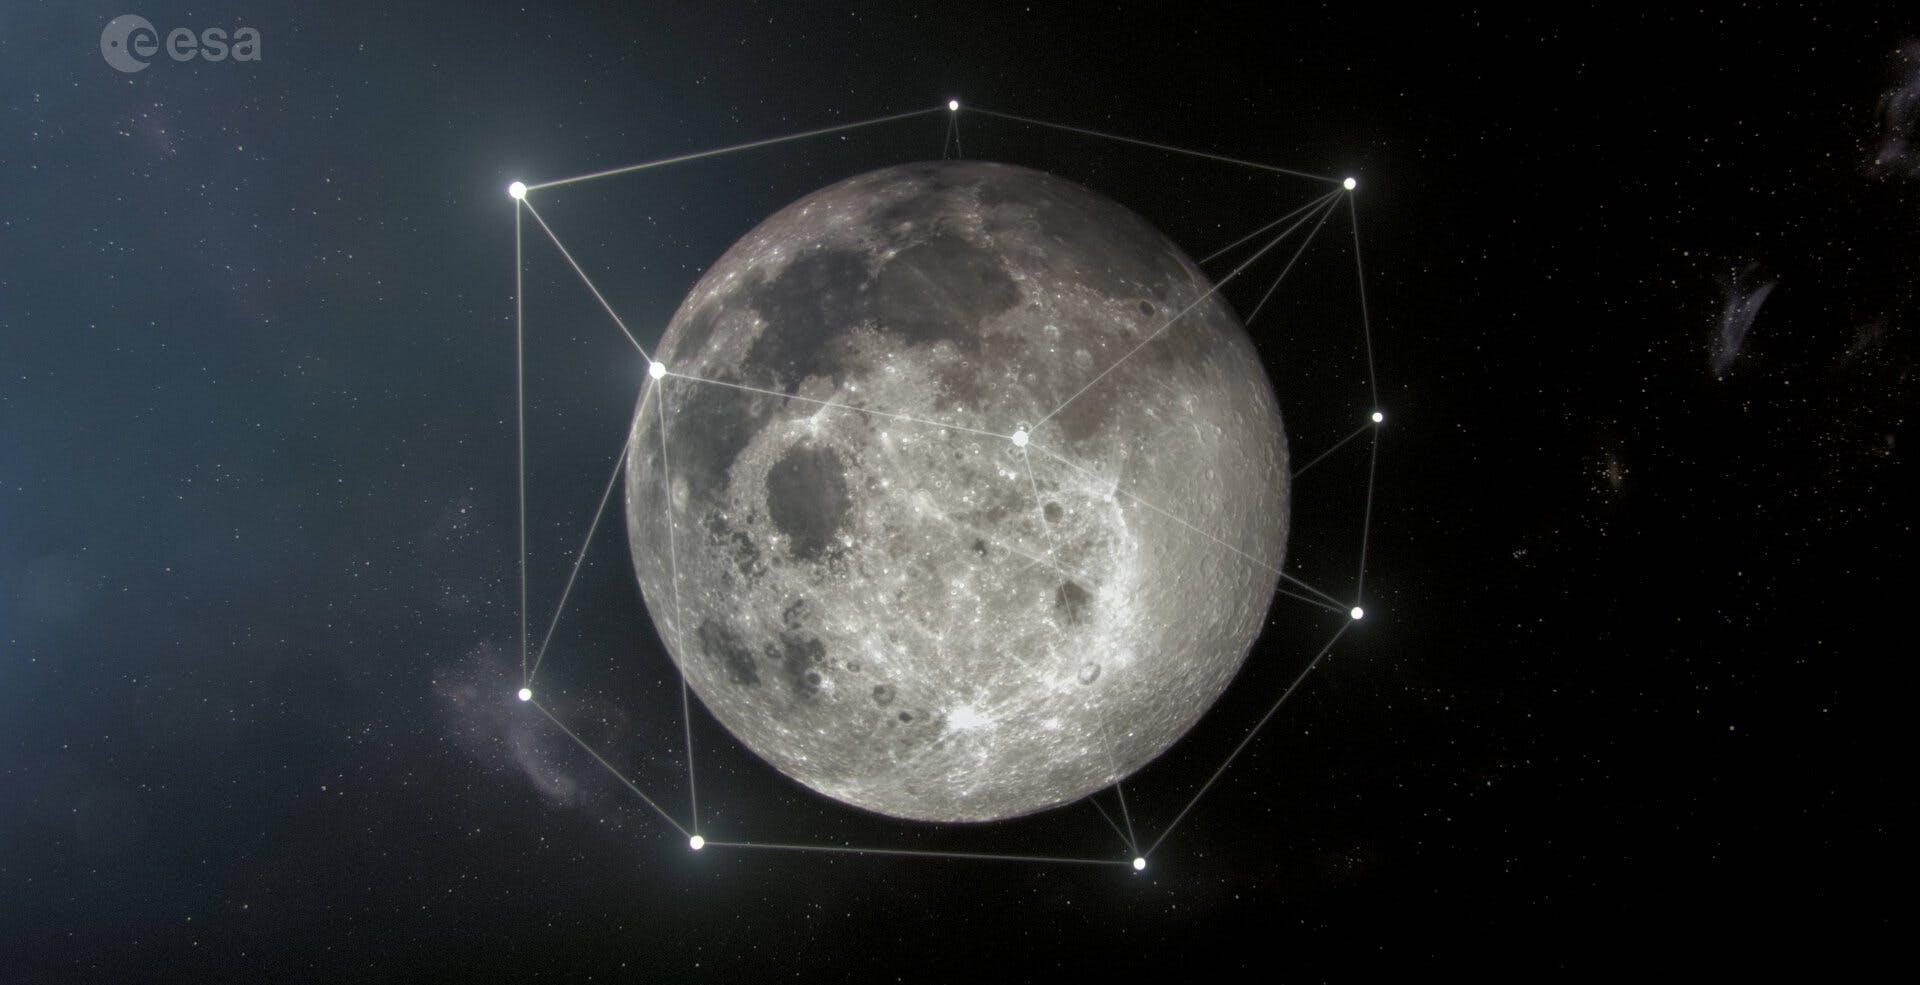 ESA annuncia il progetto Moonlight: una costellazione di satelliti lunare per la navigazione e le comunicazioni